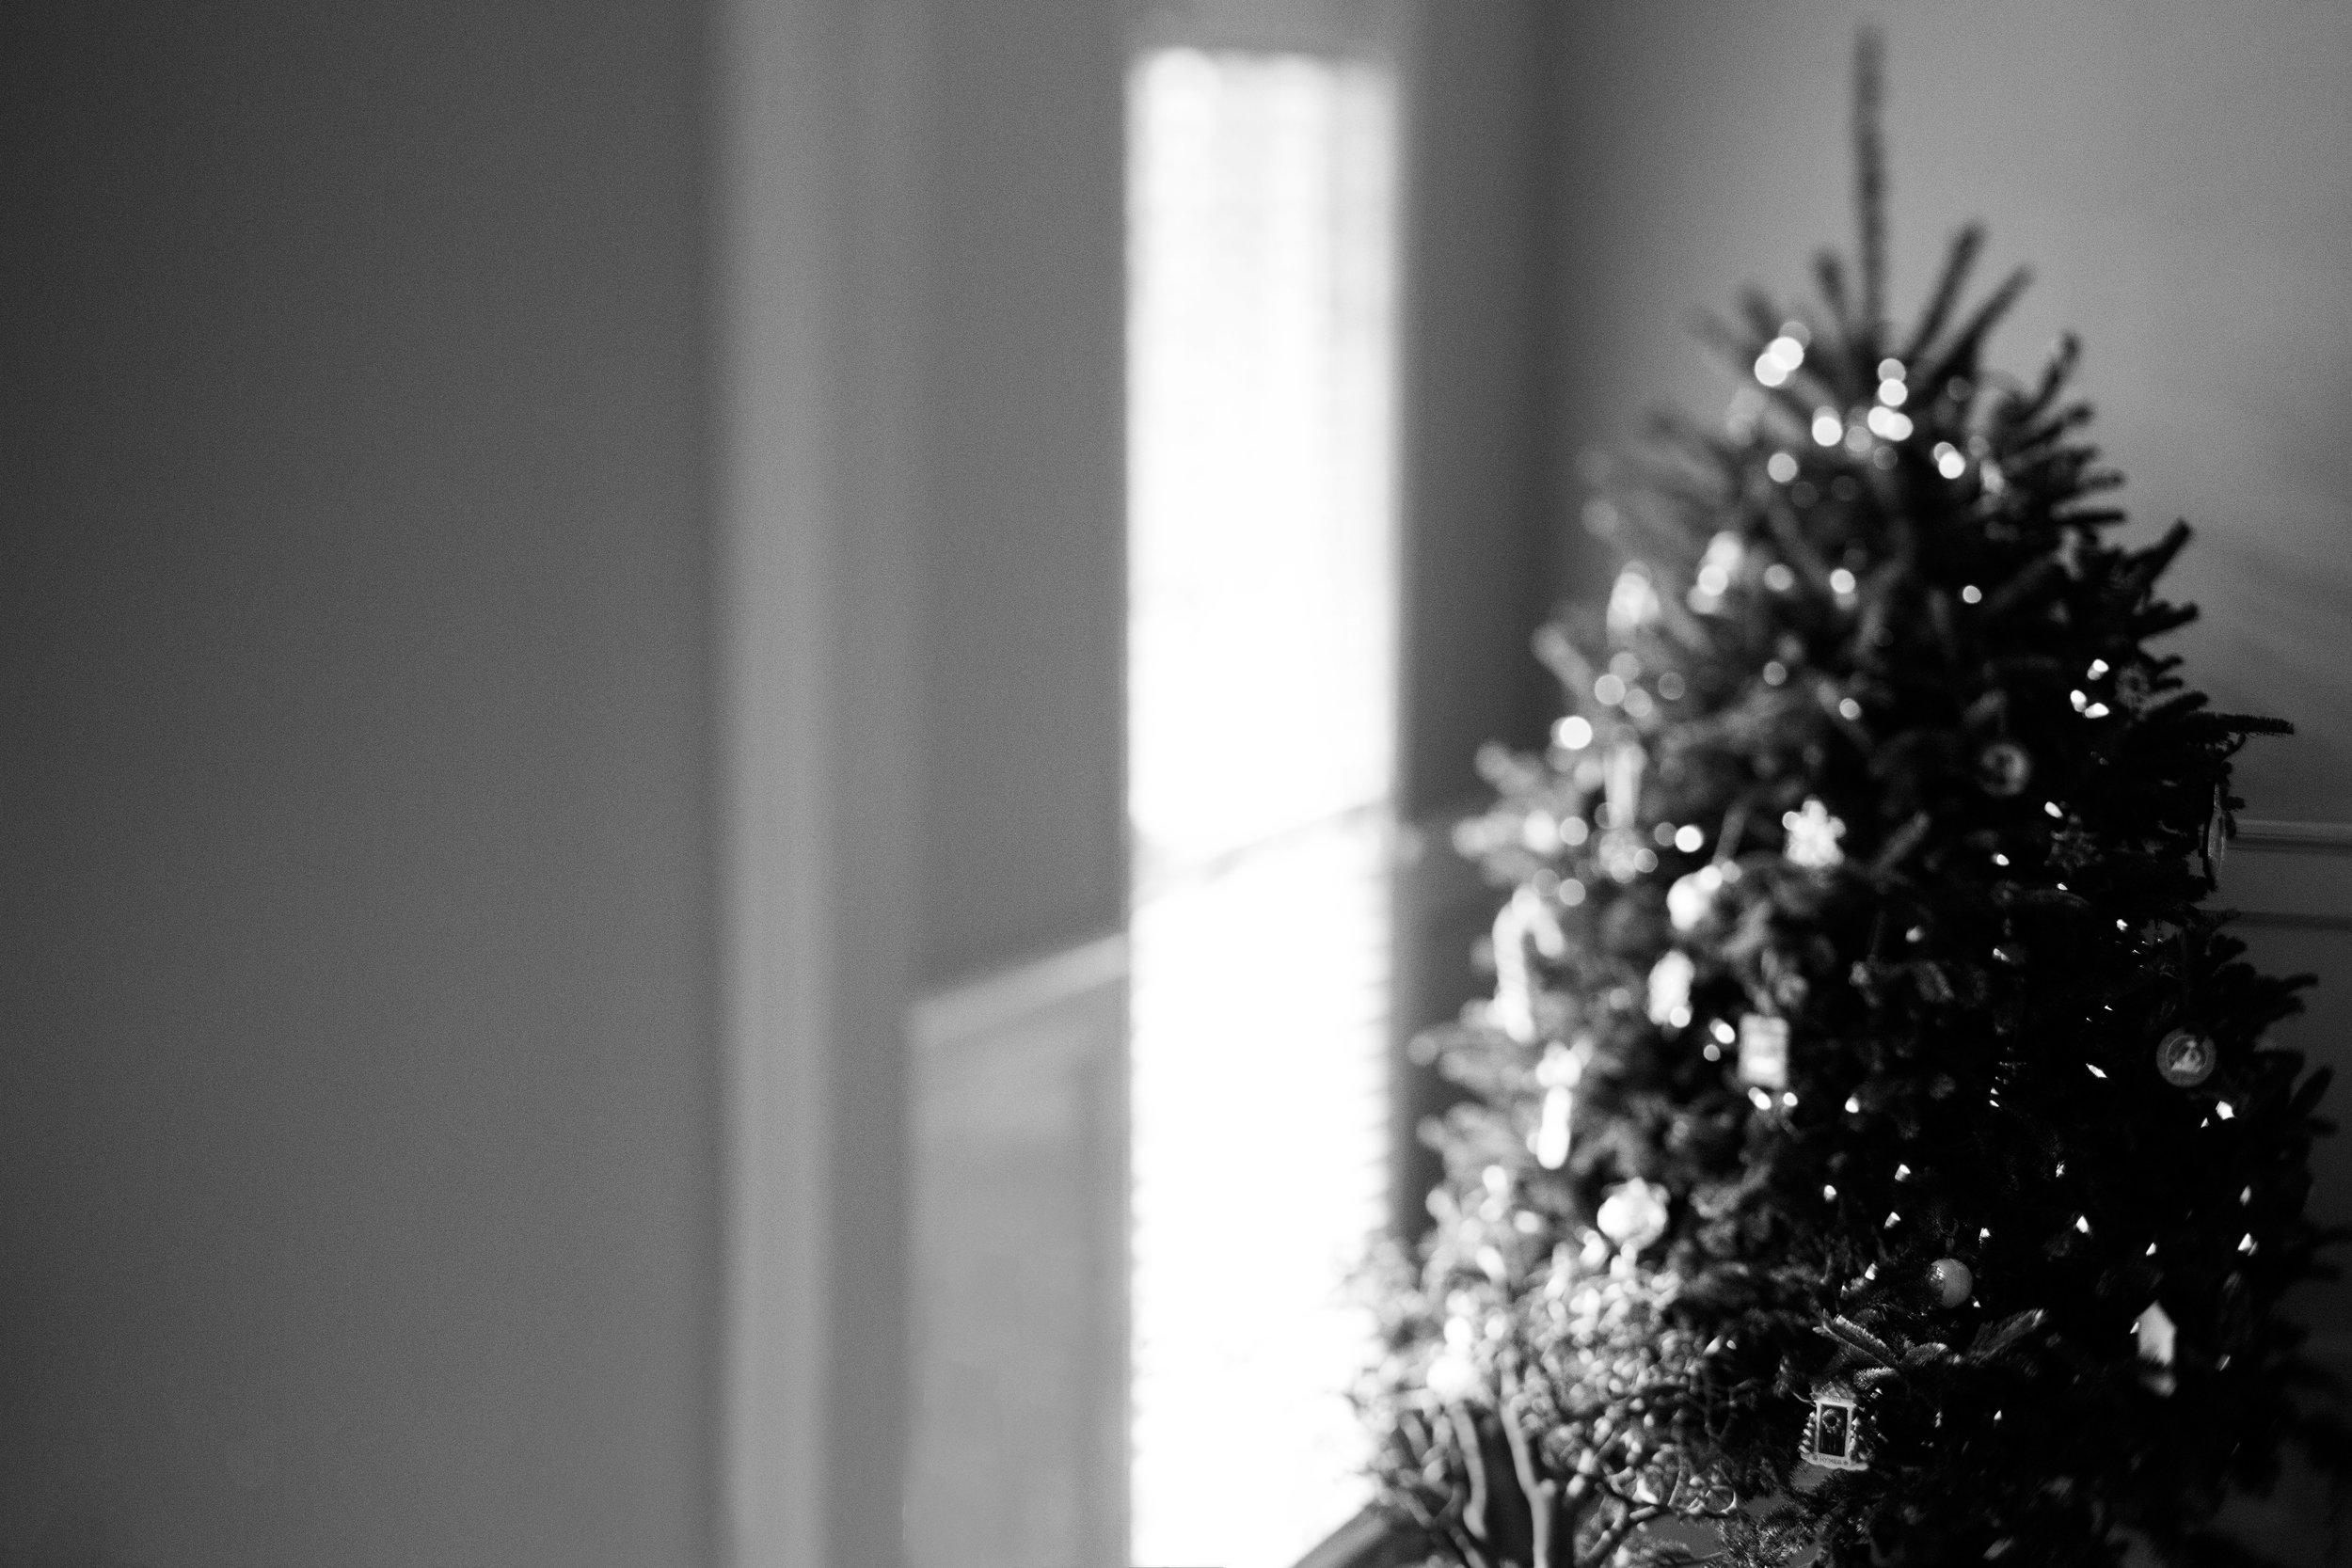 I hope your holidays were wonderful!